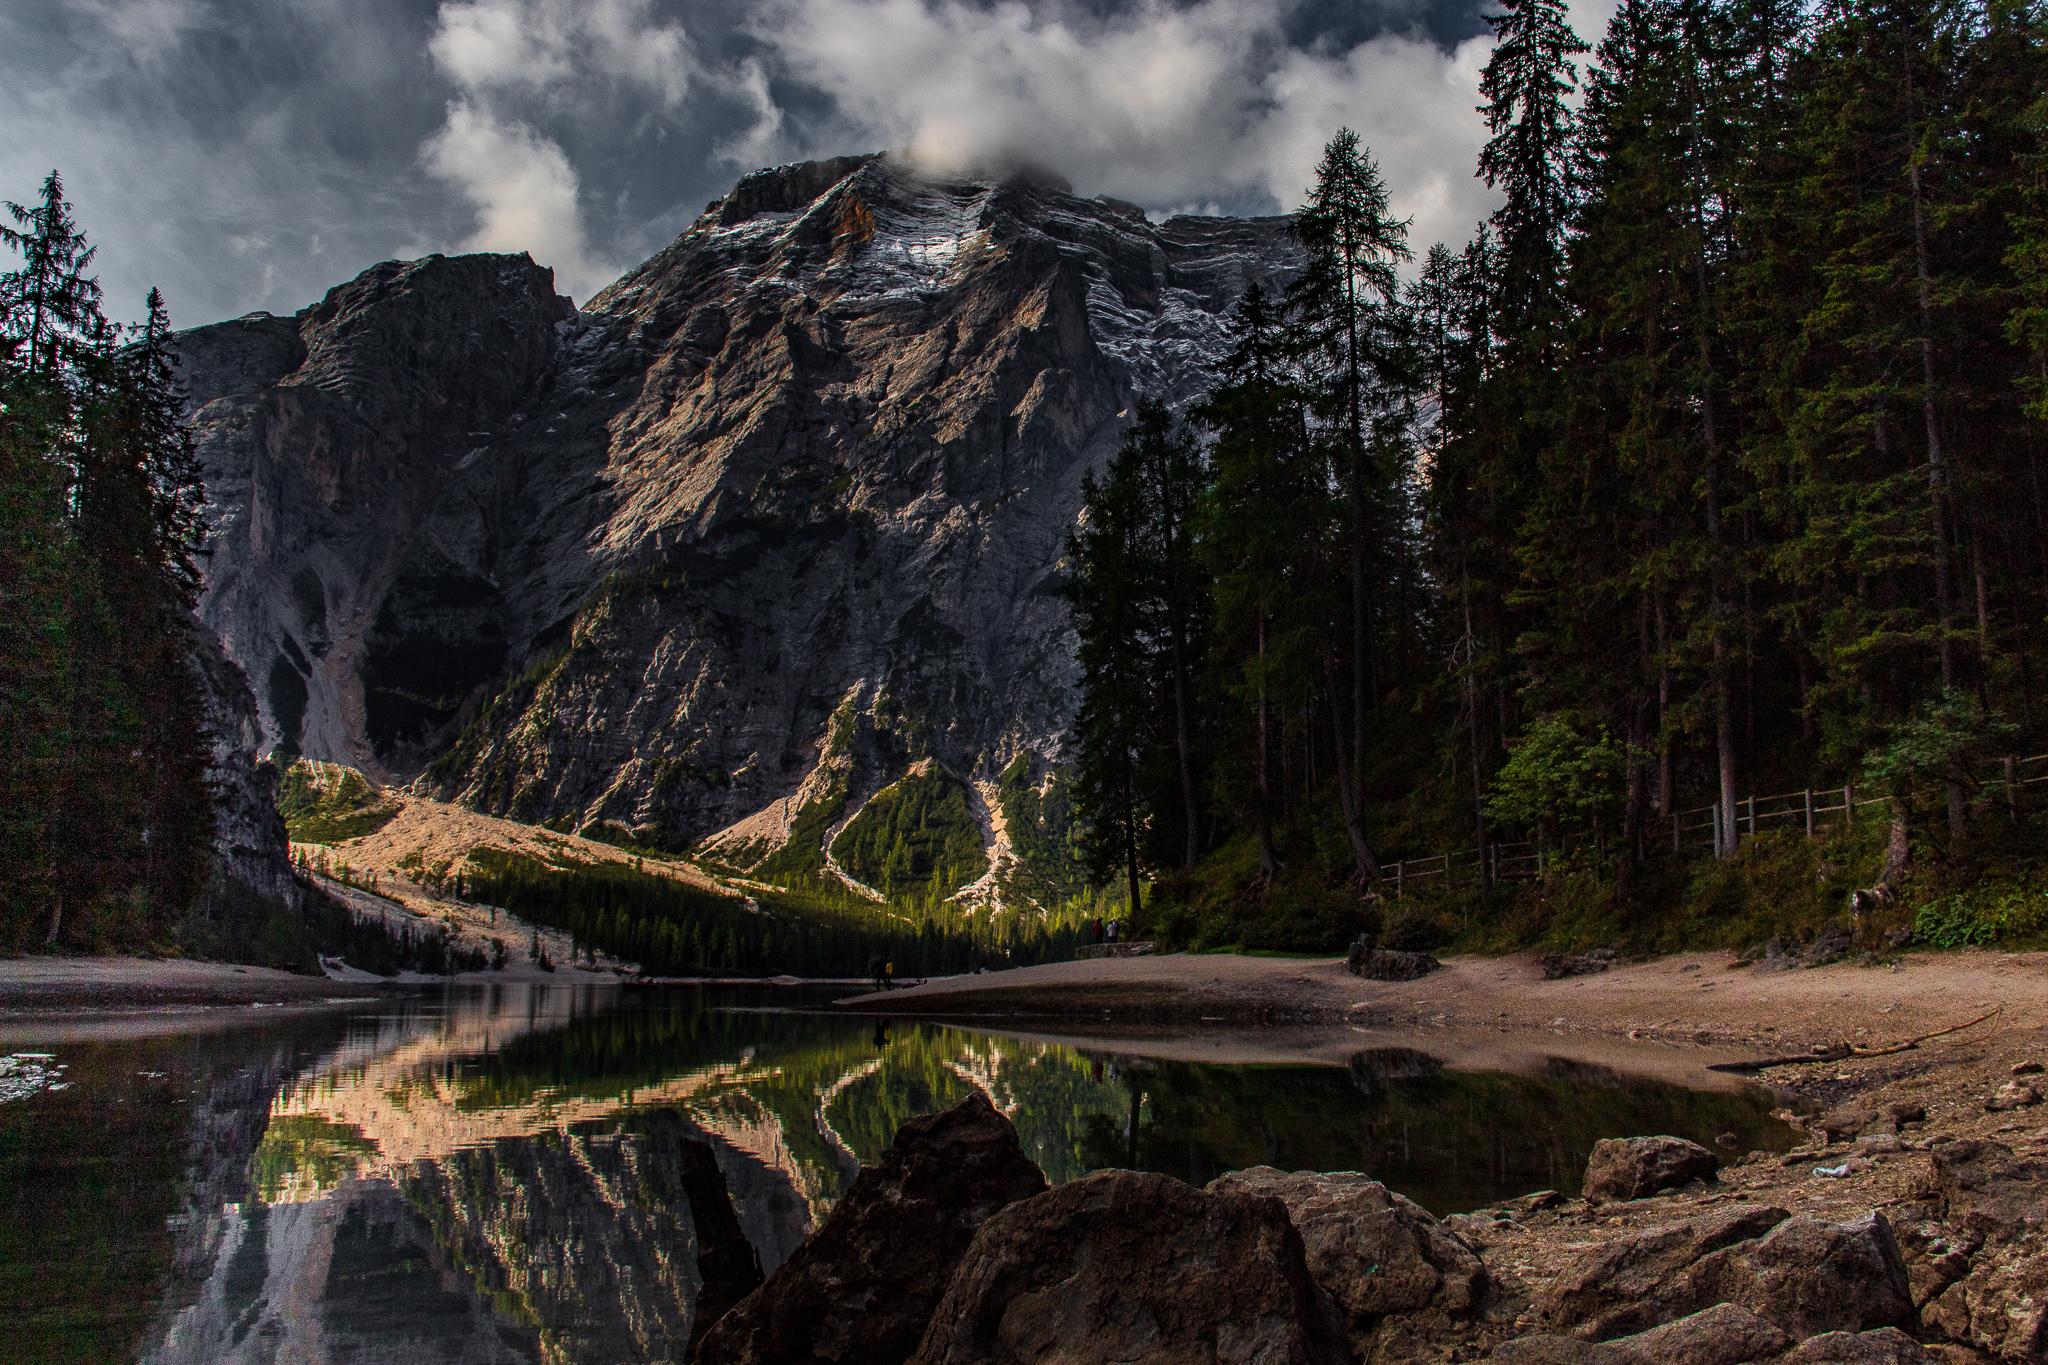 Dolomites Lago di Braies, Italy